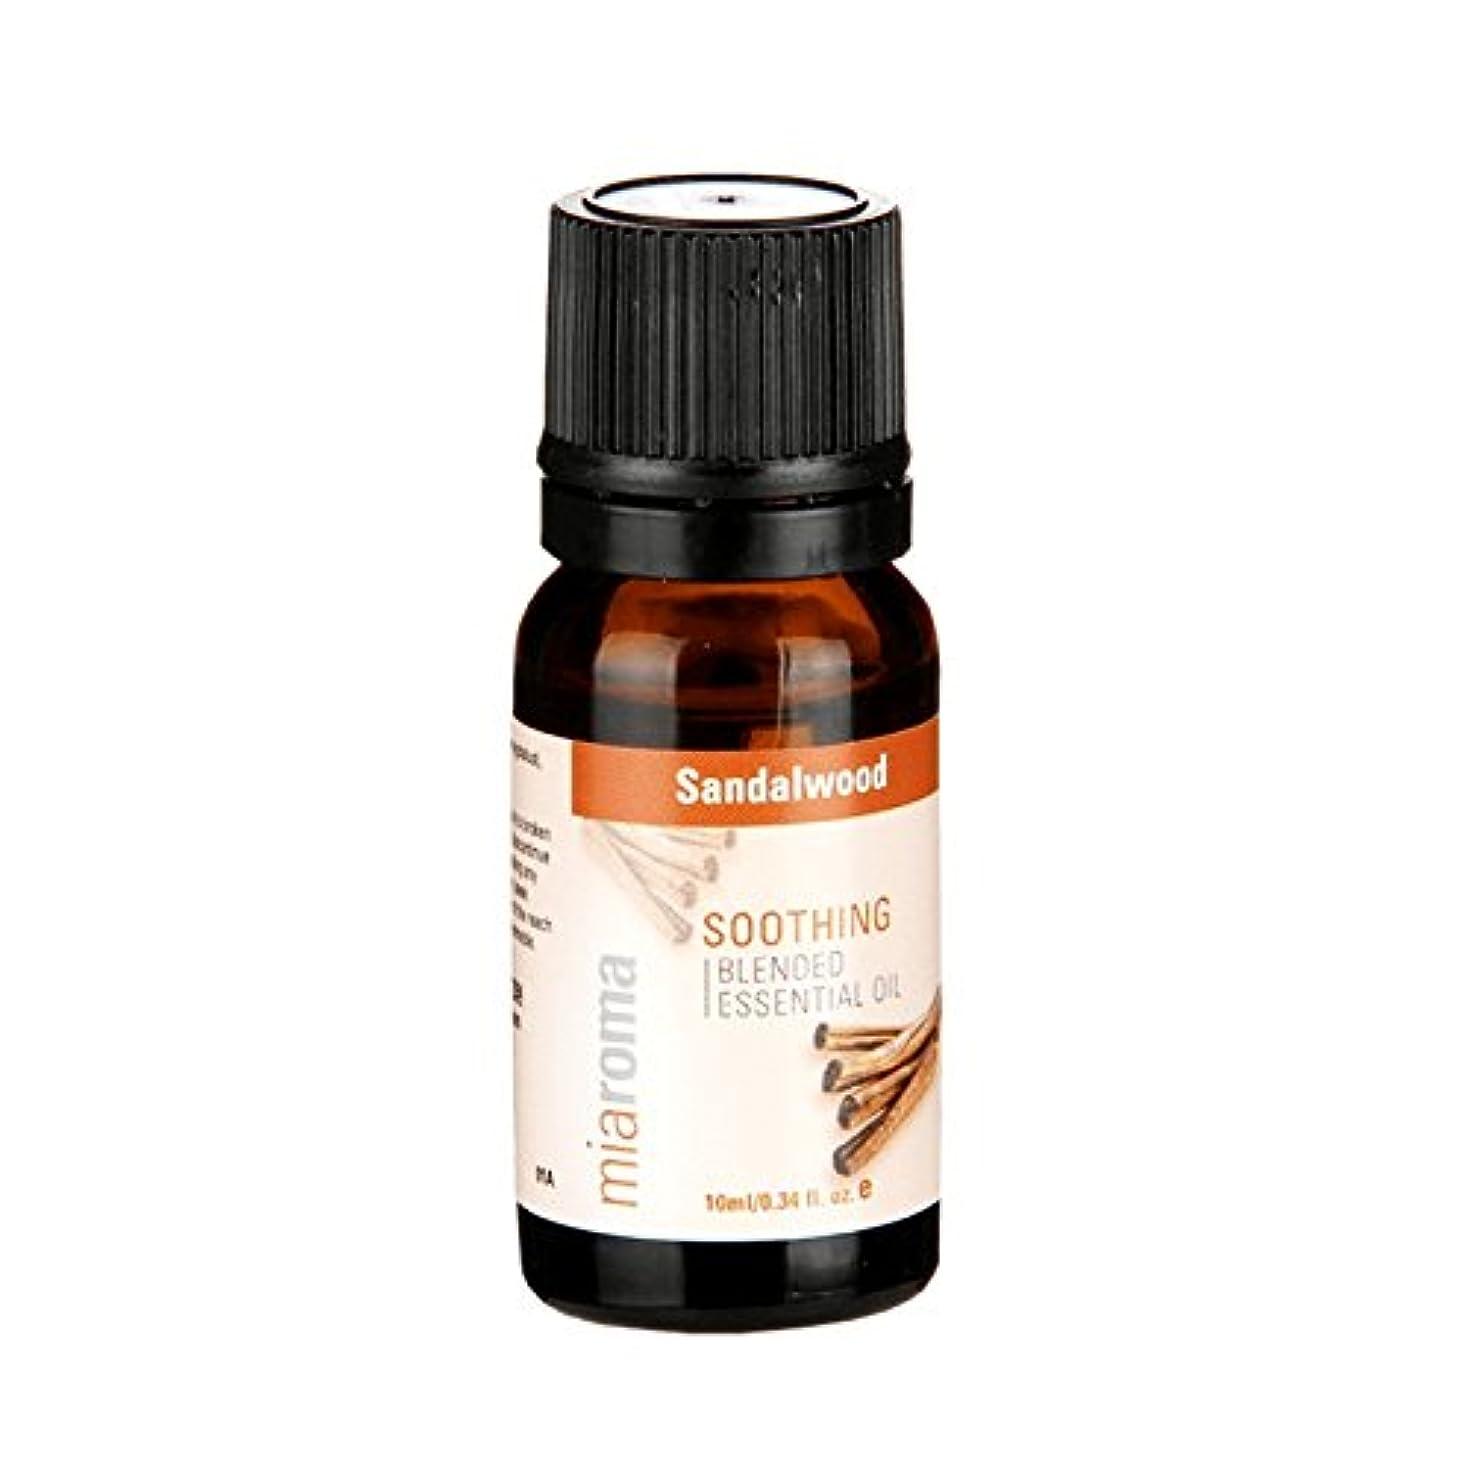 リビングルームムスタチオ酒Miaromaは、精油サンダルウッドの10ミリリットルをブレンド - Miaroma Blended Essential Oil Sandalwood 10ml (Miaroma) [並行輸入品]